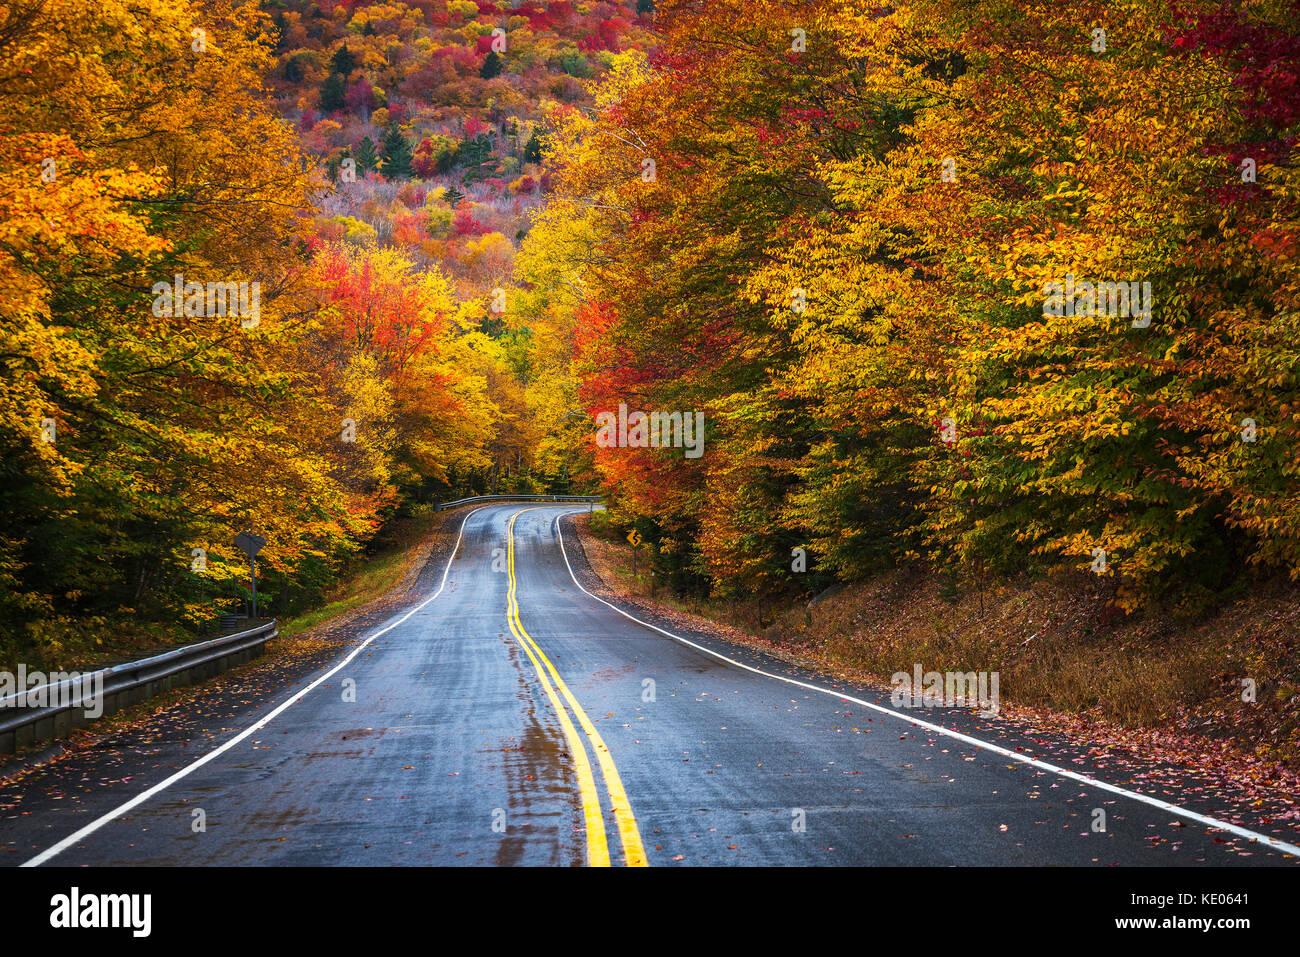 Una strada a due corsie, inghiottito dai colori d'autunno fogliame, curve e scompare nella foresta di White Mountains del New Hampshire del New England, Stati Uniti d'America. Foto Stock